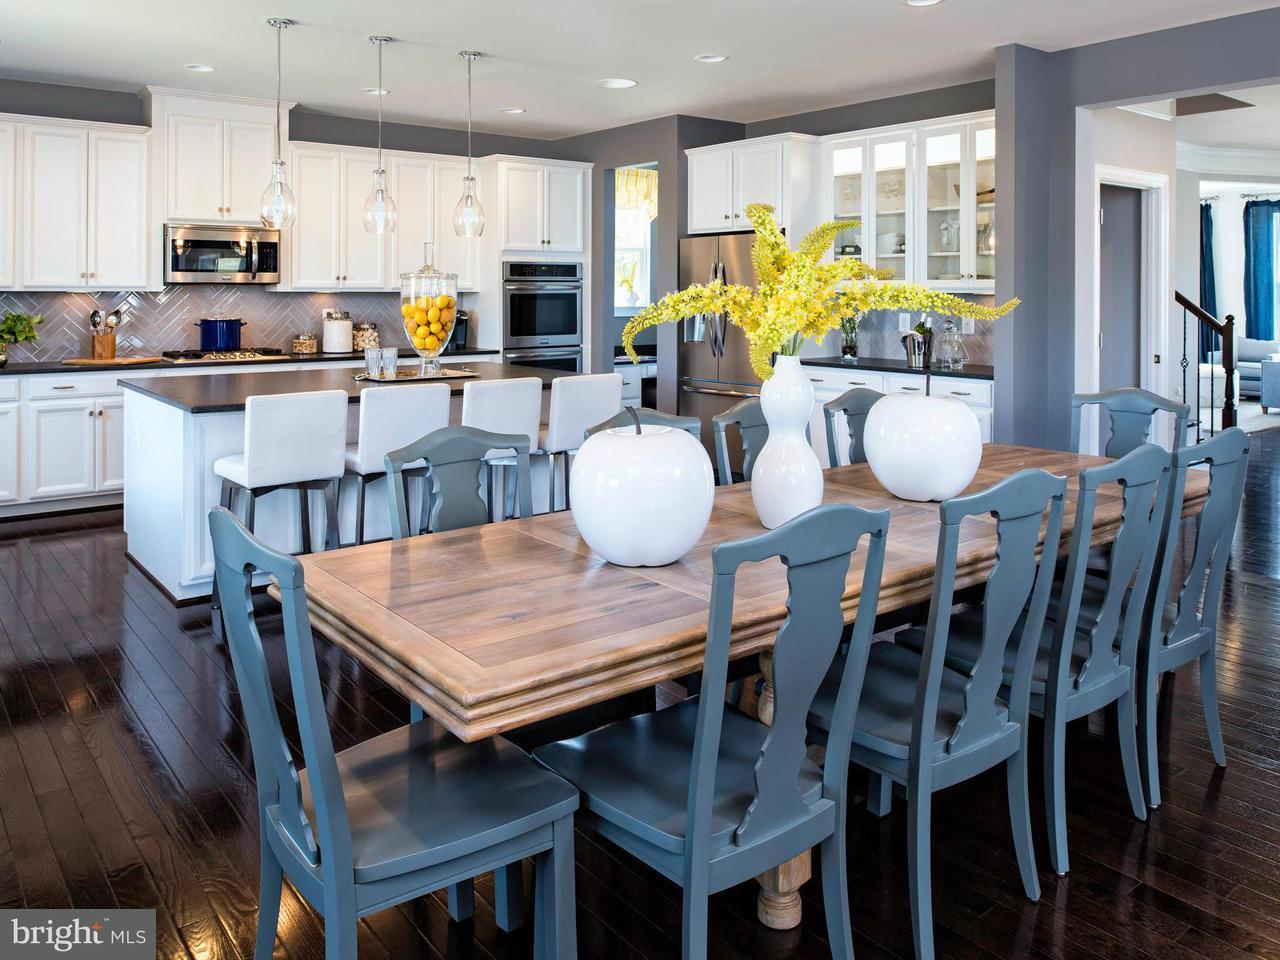 Casa Unifamiliar por un Venta en 549 APRICOT Street 549 APRICOT Street Stafford, Virginia 22554 Estados Unidos